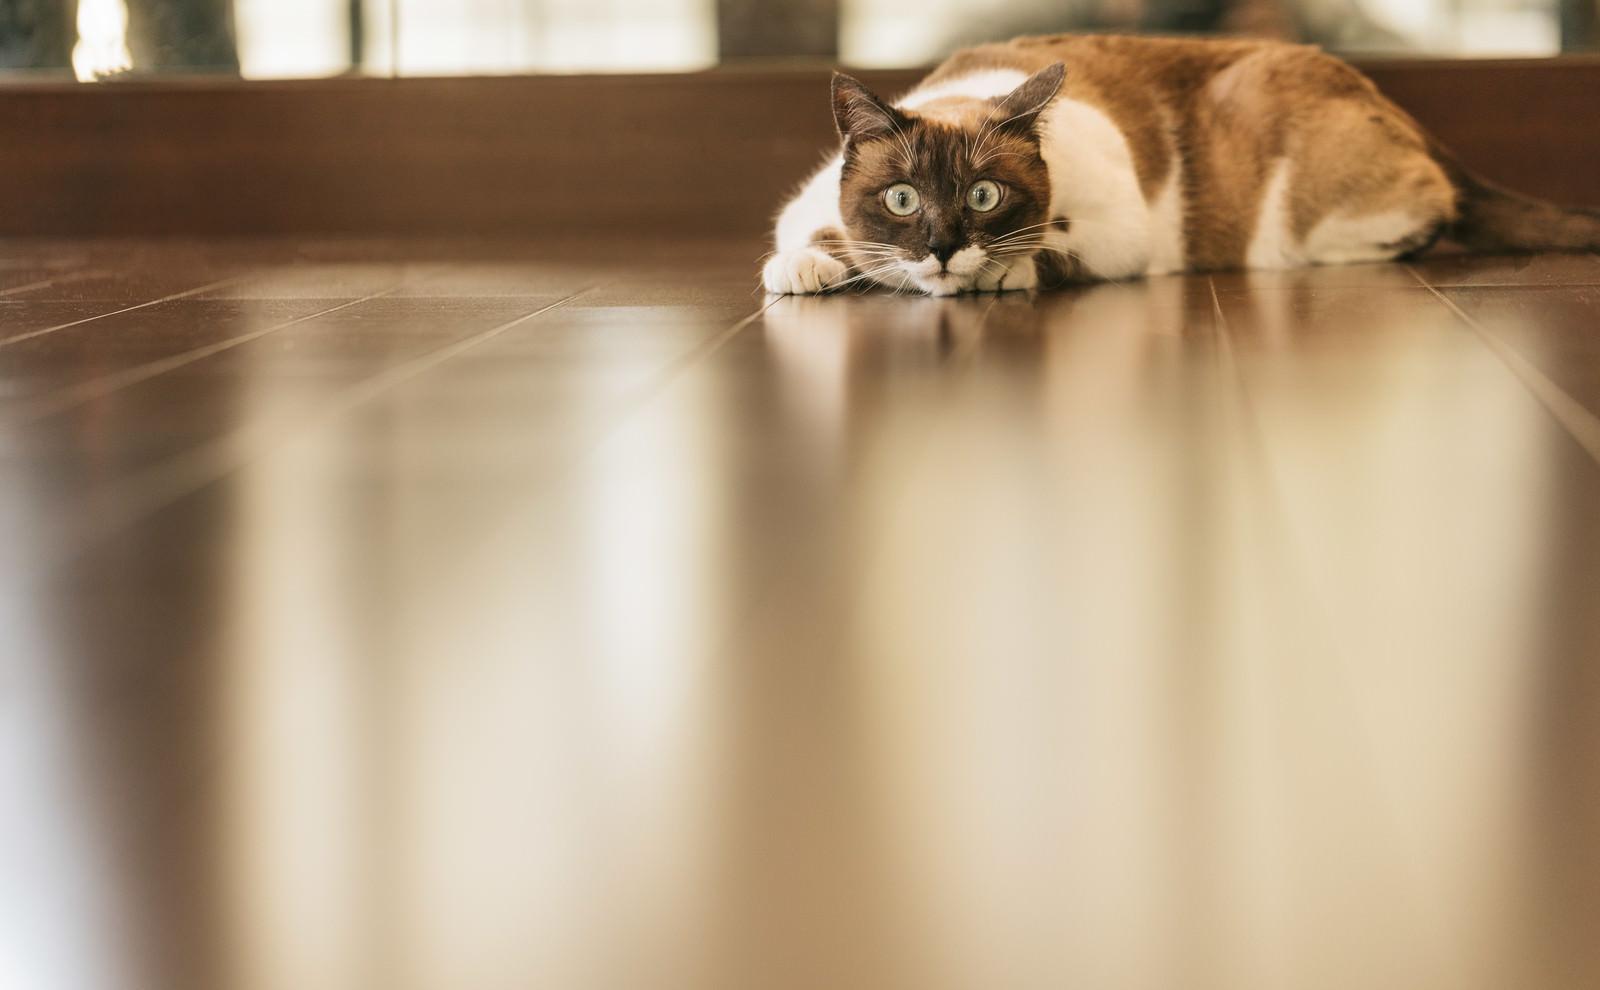 「獲物を狙う猫」の写真